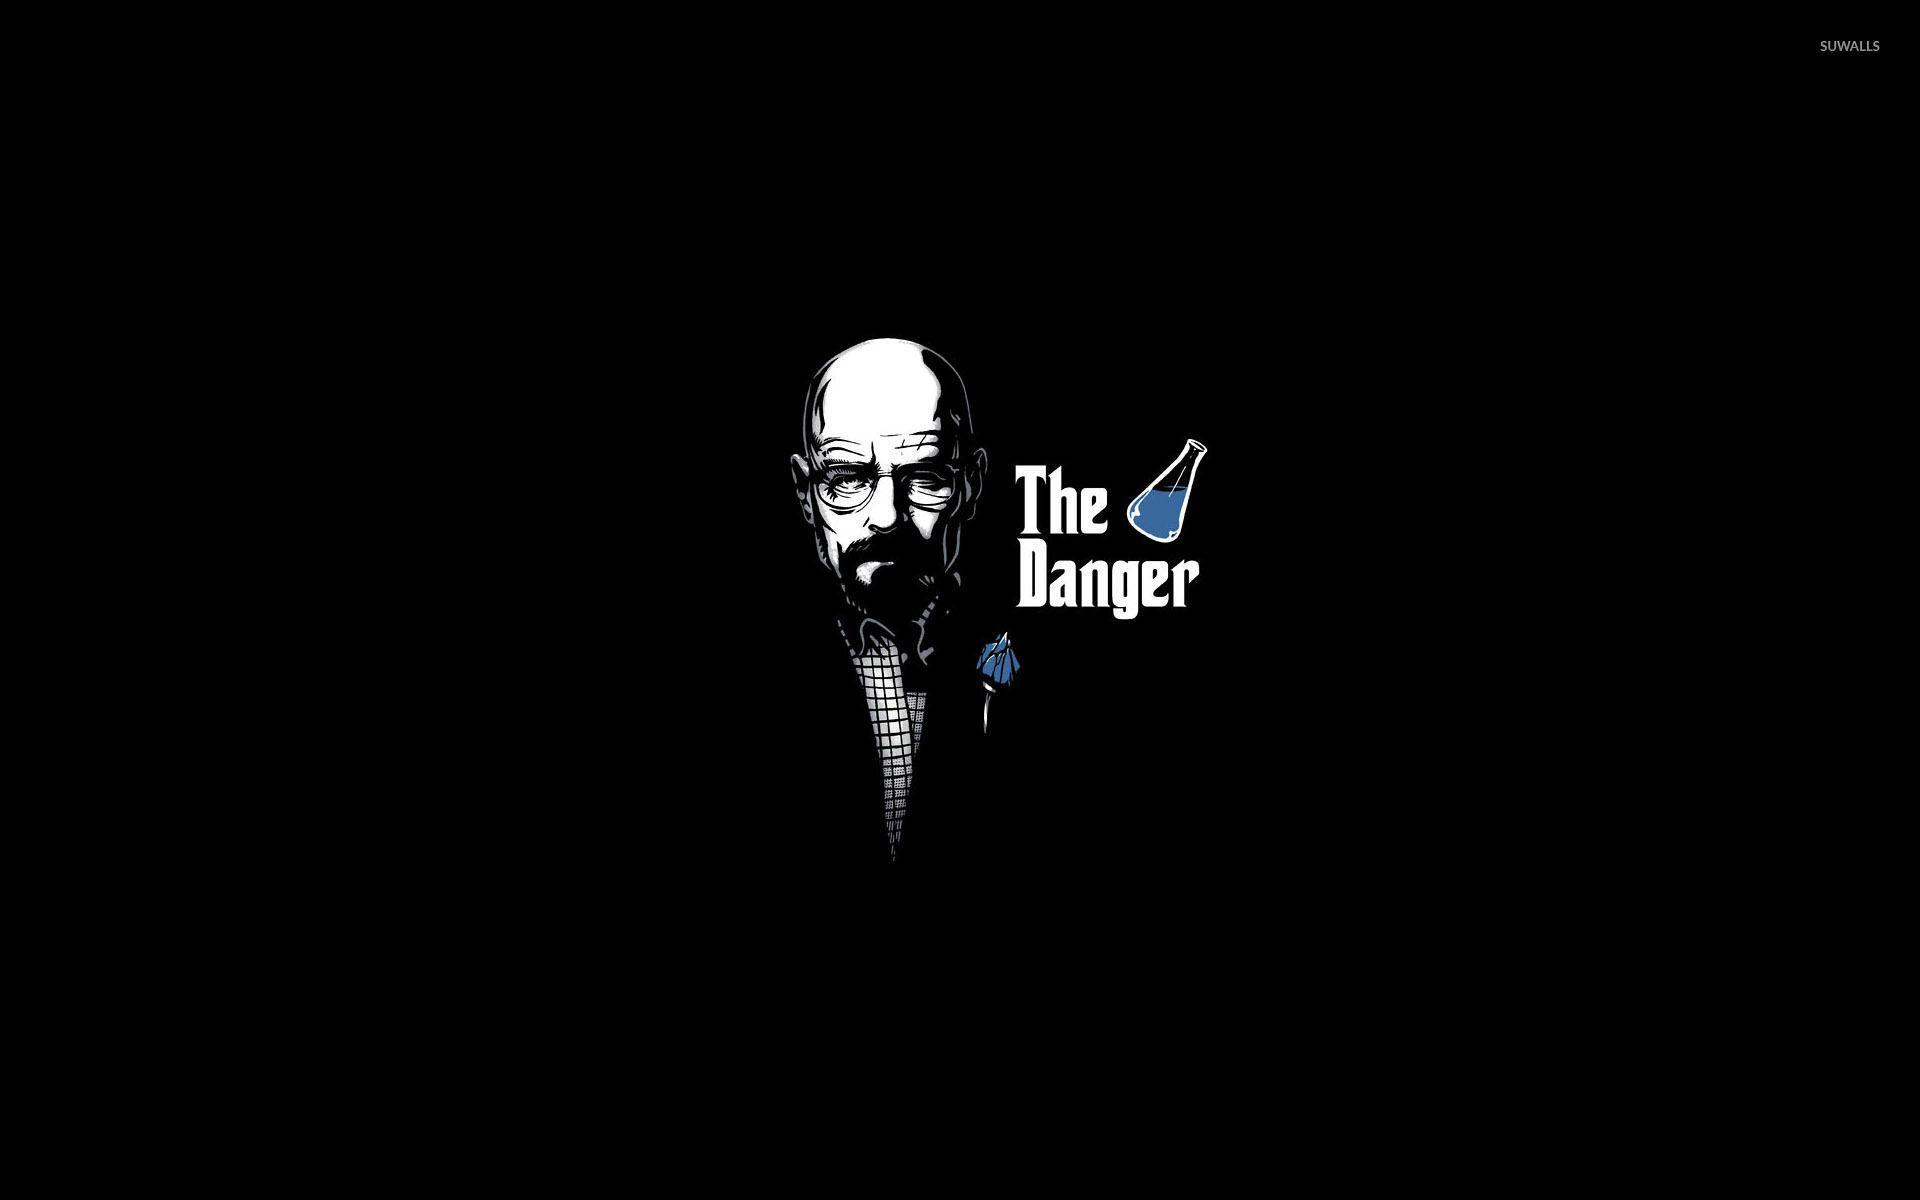 1920x1200 The Danger hình nền - Hình nền phim